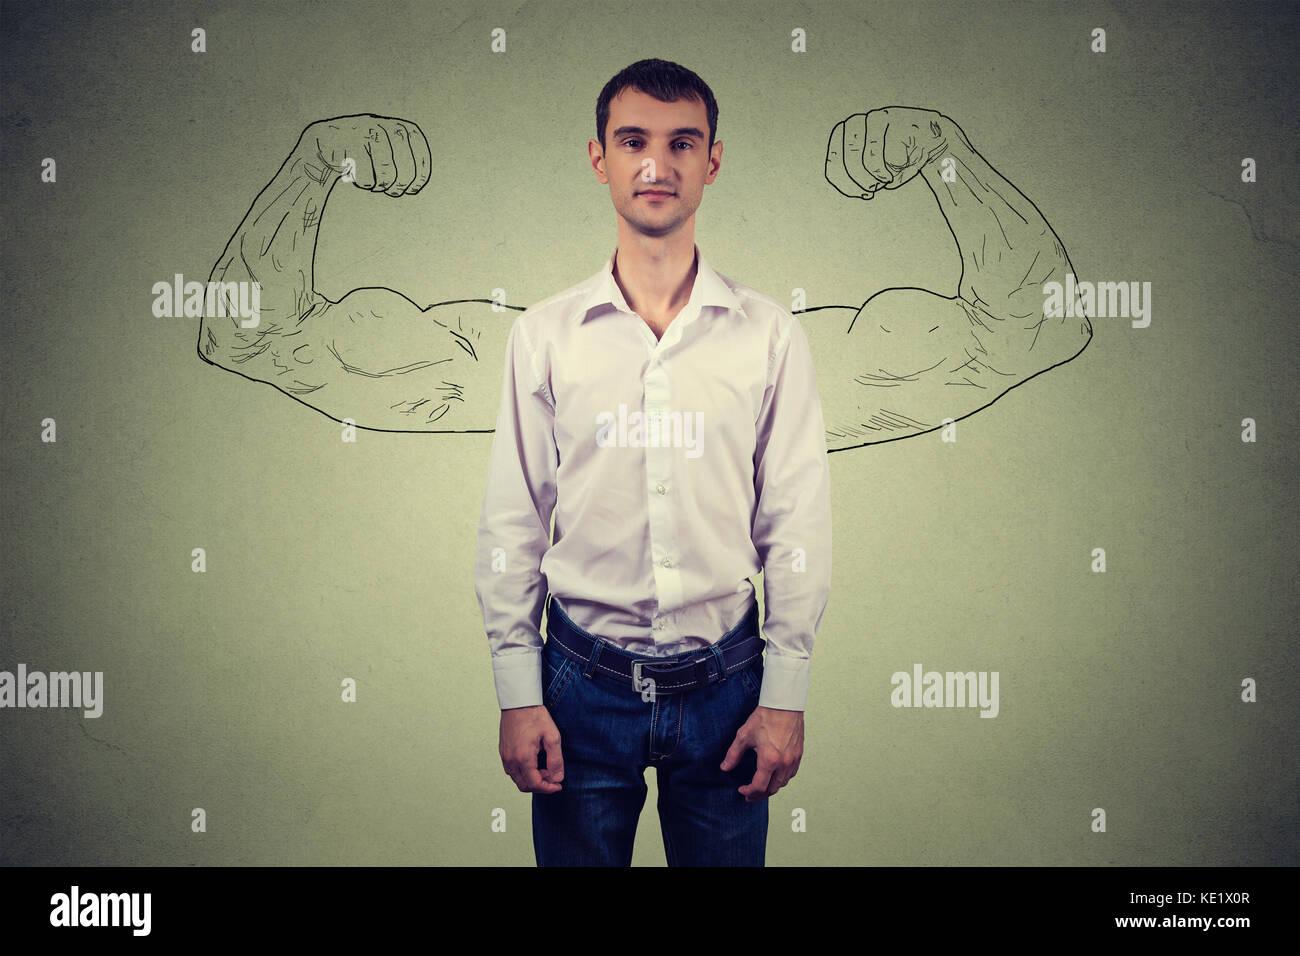 Puissant homme vs réalité illusoire ambition concept. visage humain expressions, émotions Photo Stock